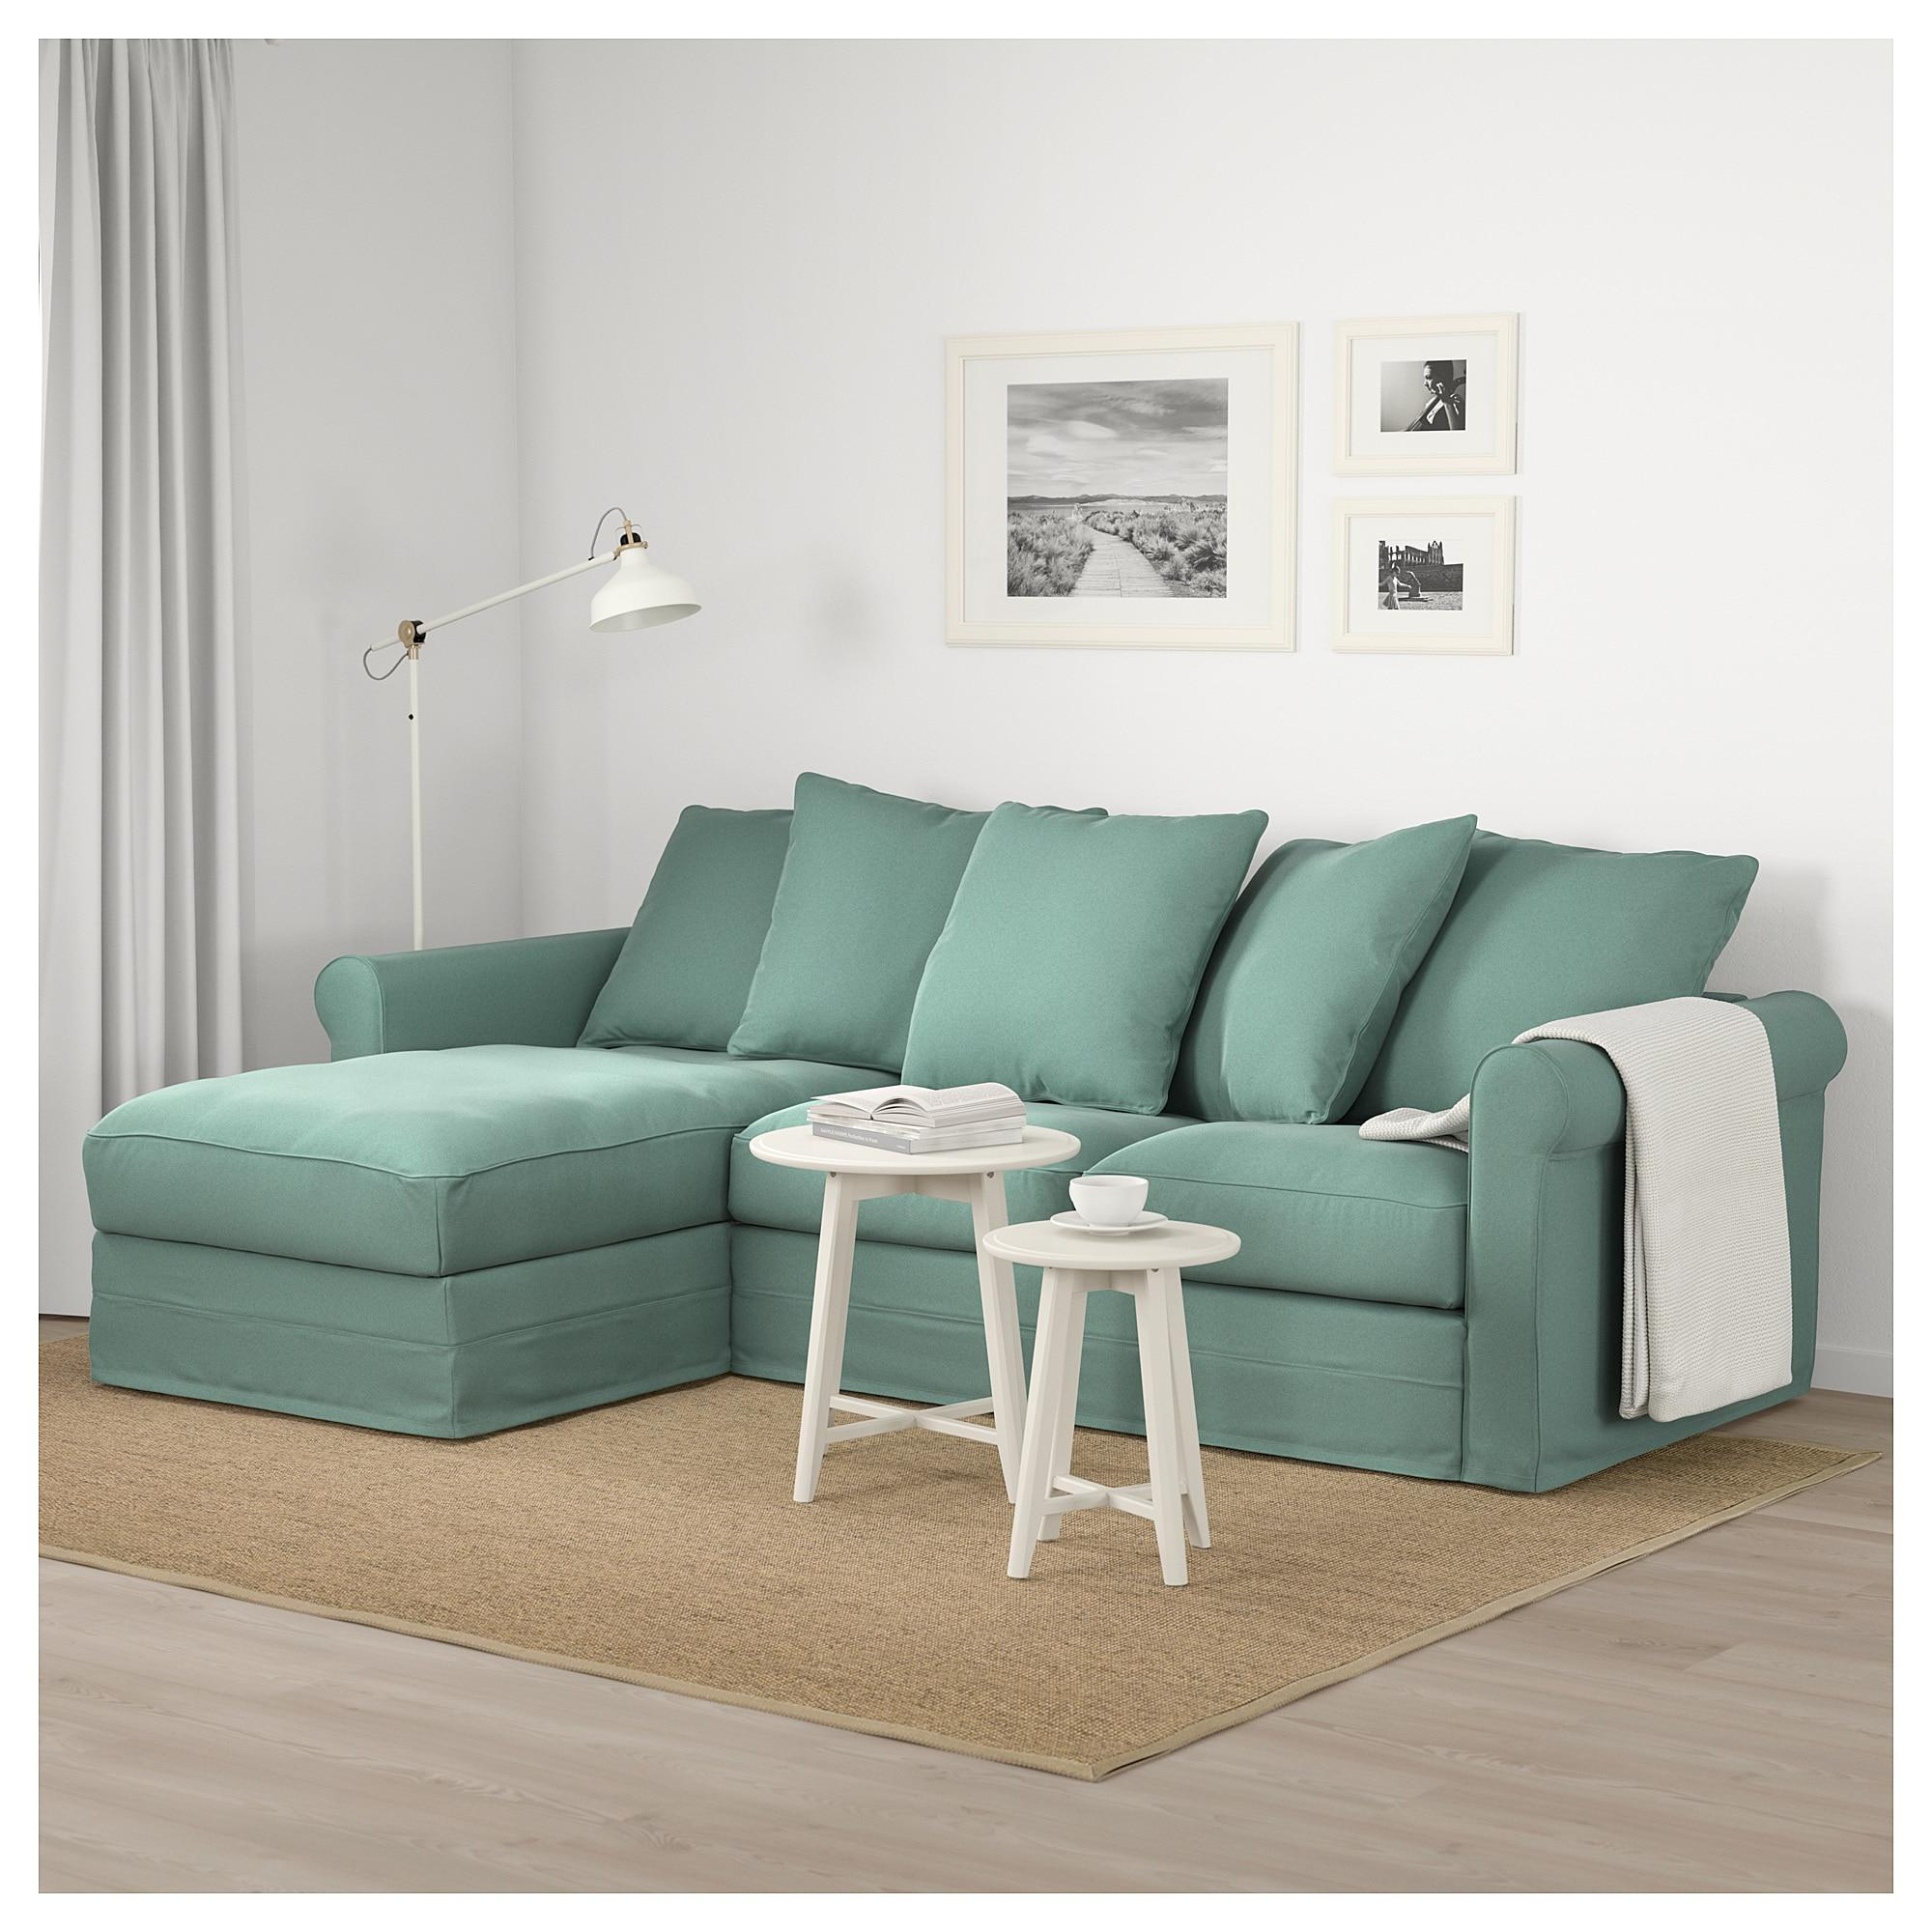 Ikea 3er Sofa Mit Schlaffunktion